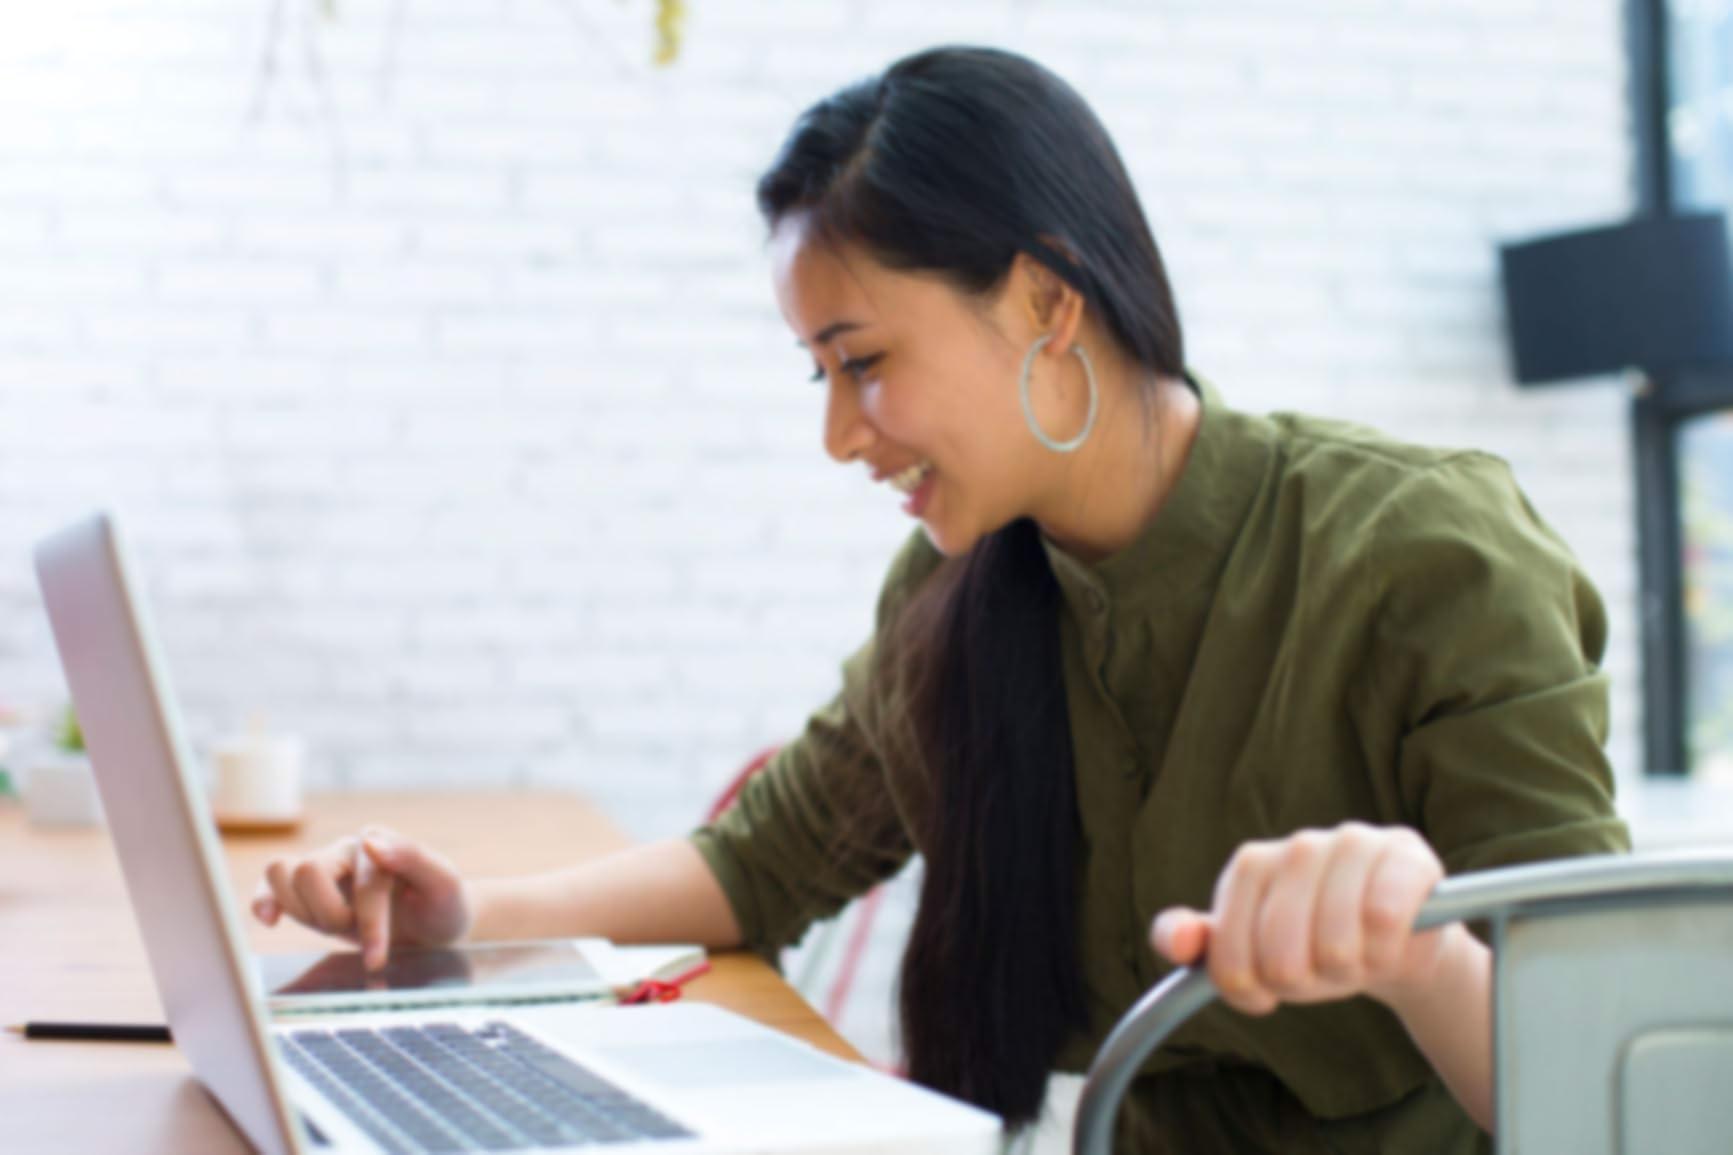 Une jeune femme, assise à une table avec un ordinateur portable, fait défiler l'écran de sa tablette.